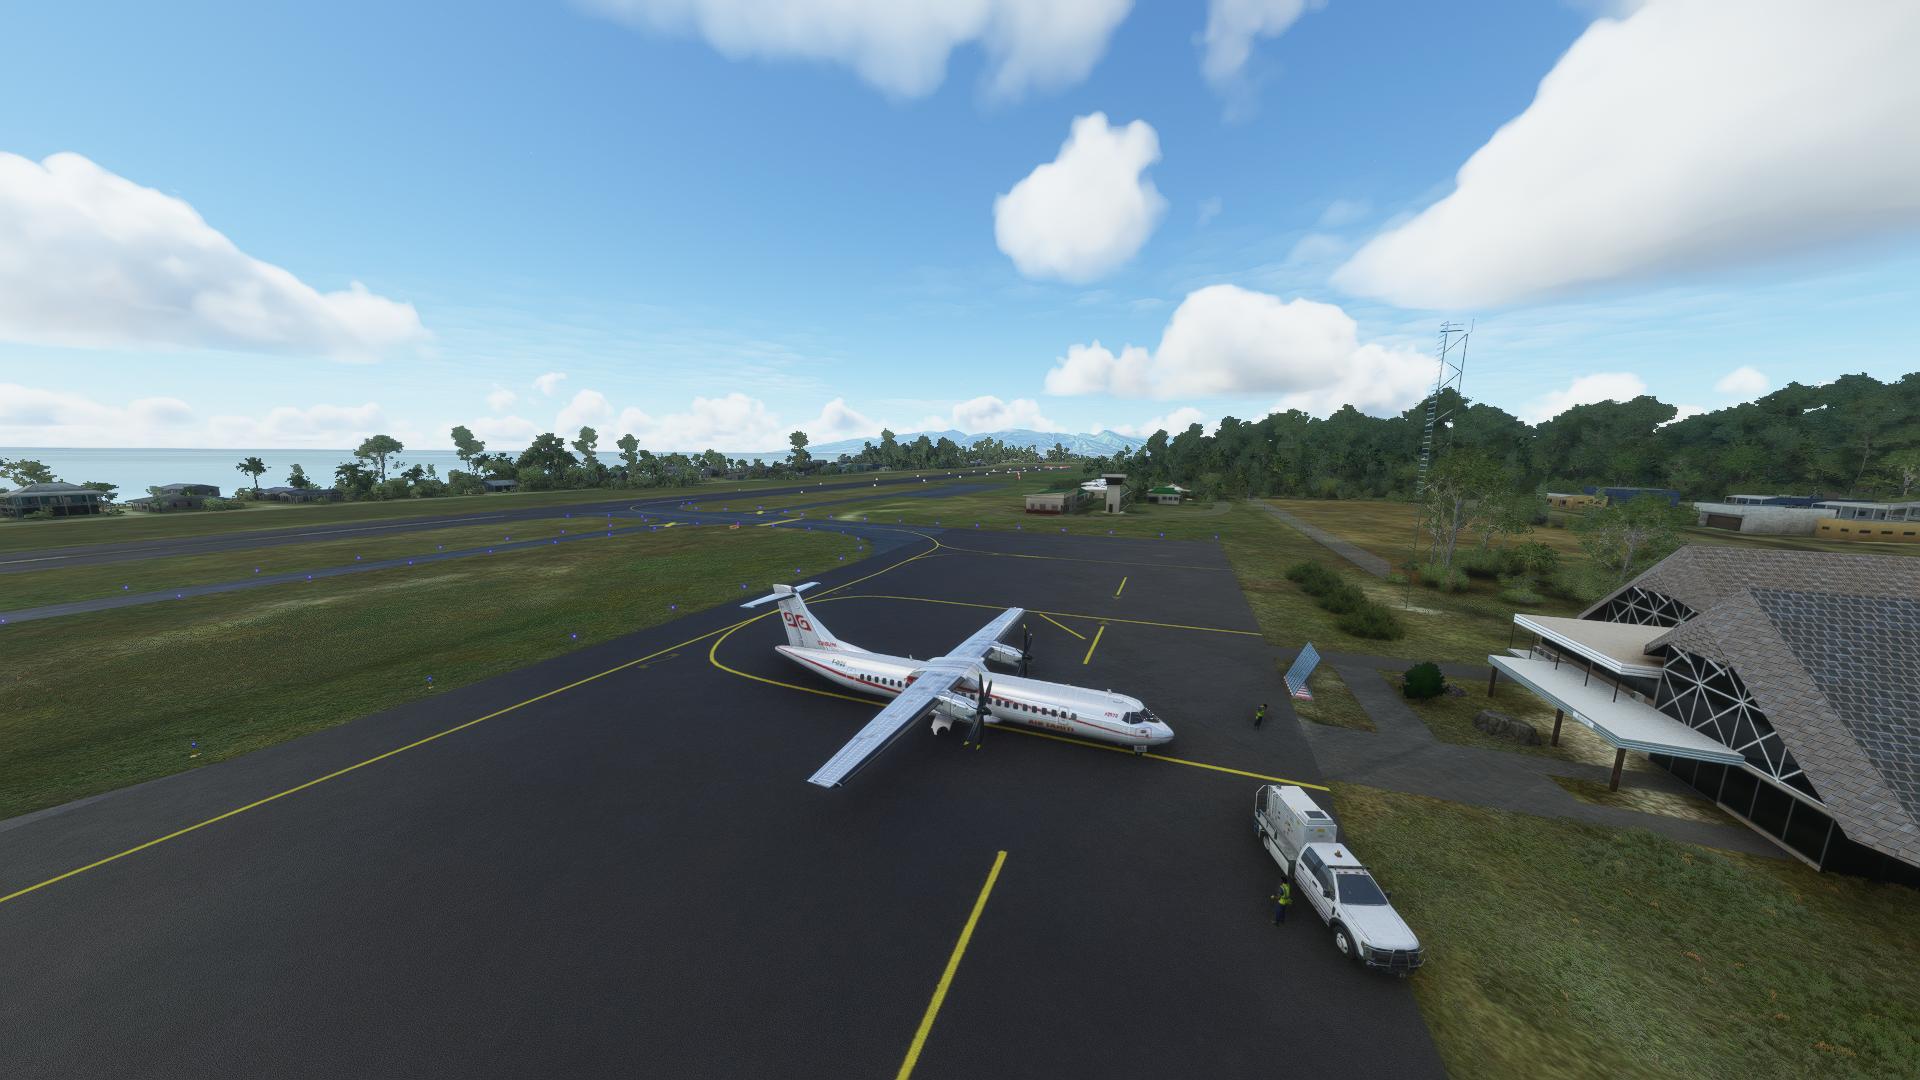 terminalfront2.png